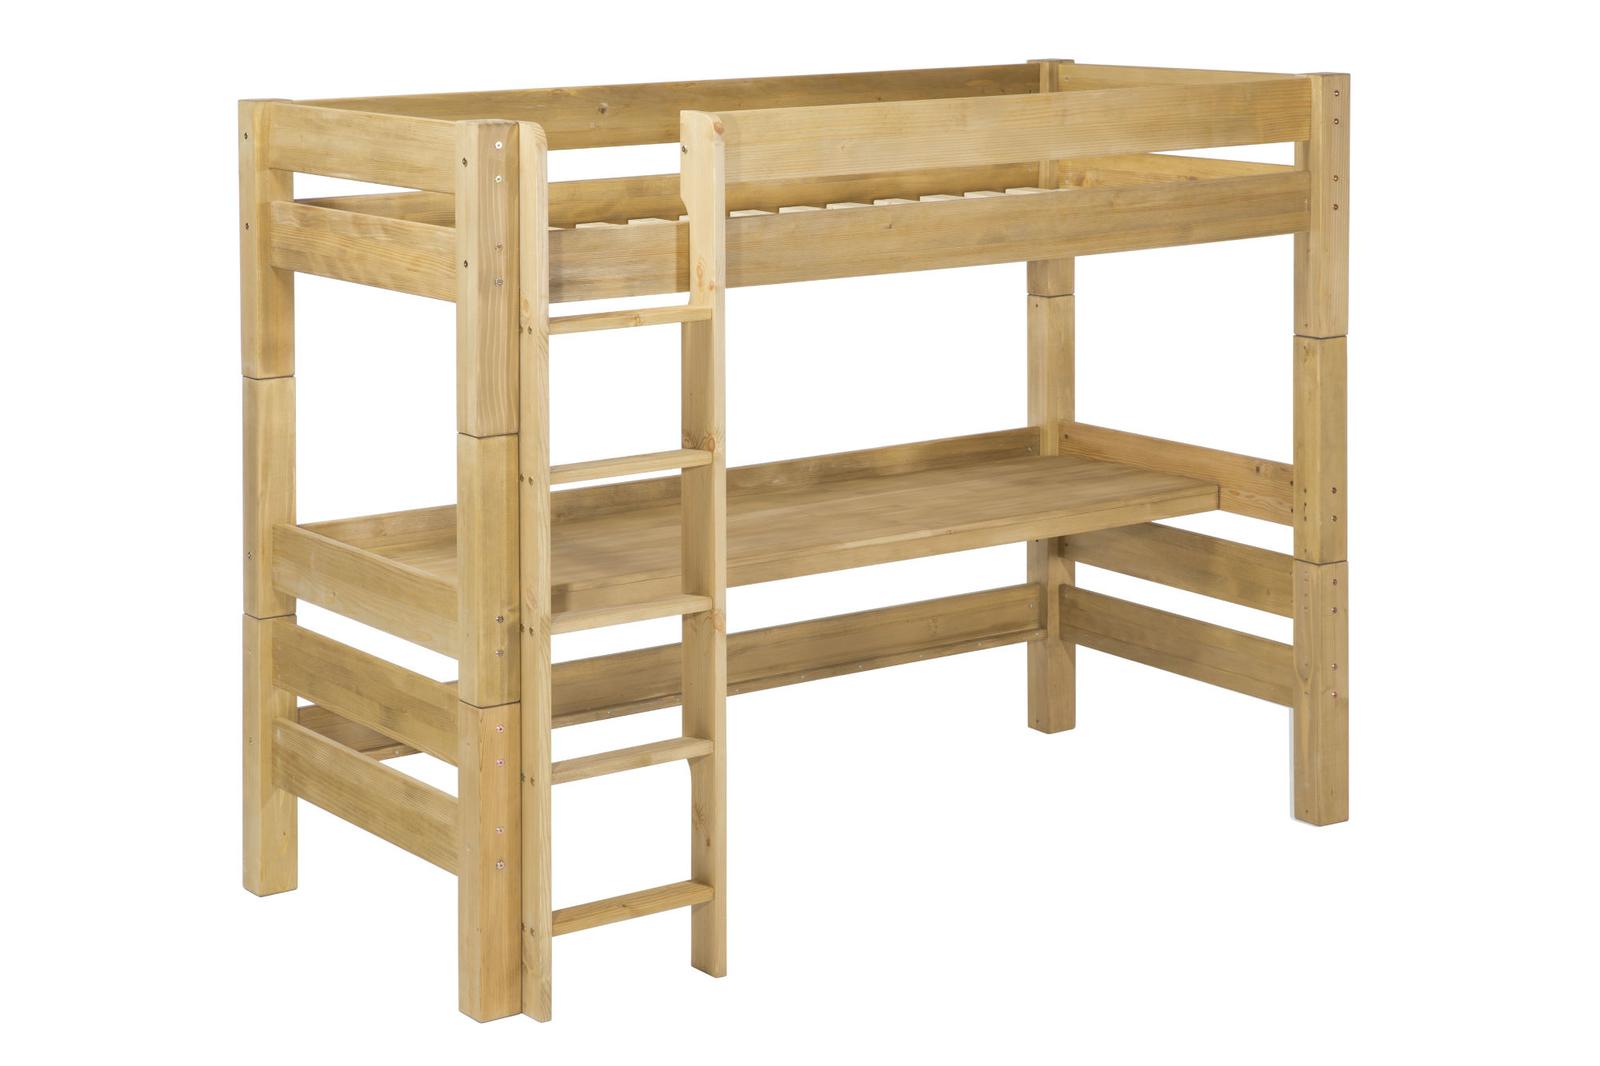 Full Size of Kinderzimmer Hochbett Mit Schreibtisch Von Moby Gnstig Bestellen Regal Regale Sofa Weiß Kinderzimmer Kinderzimmer Hochbett